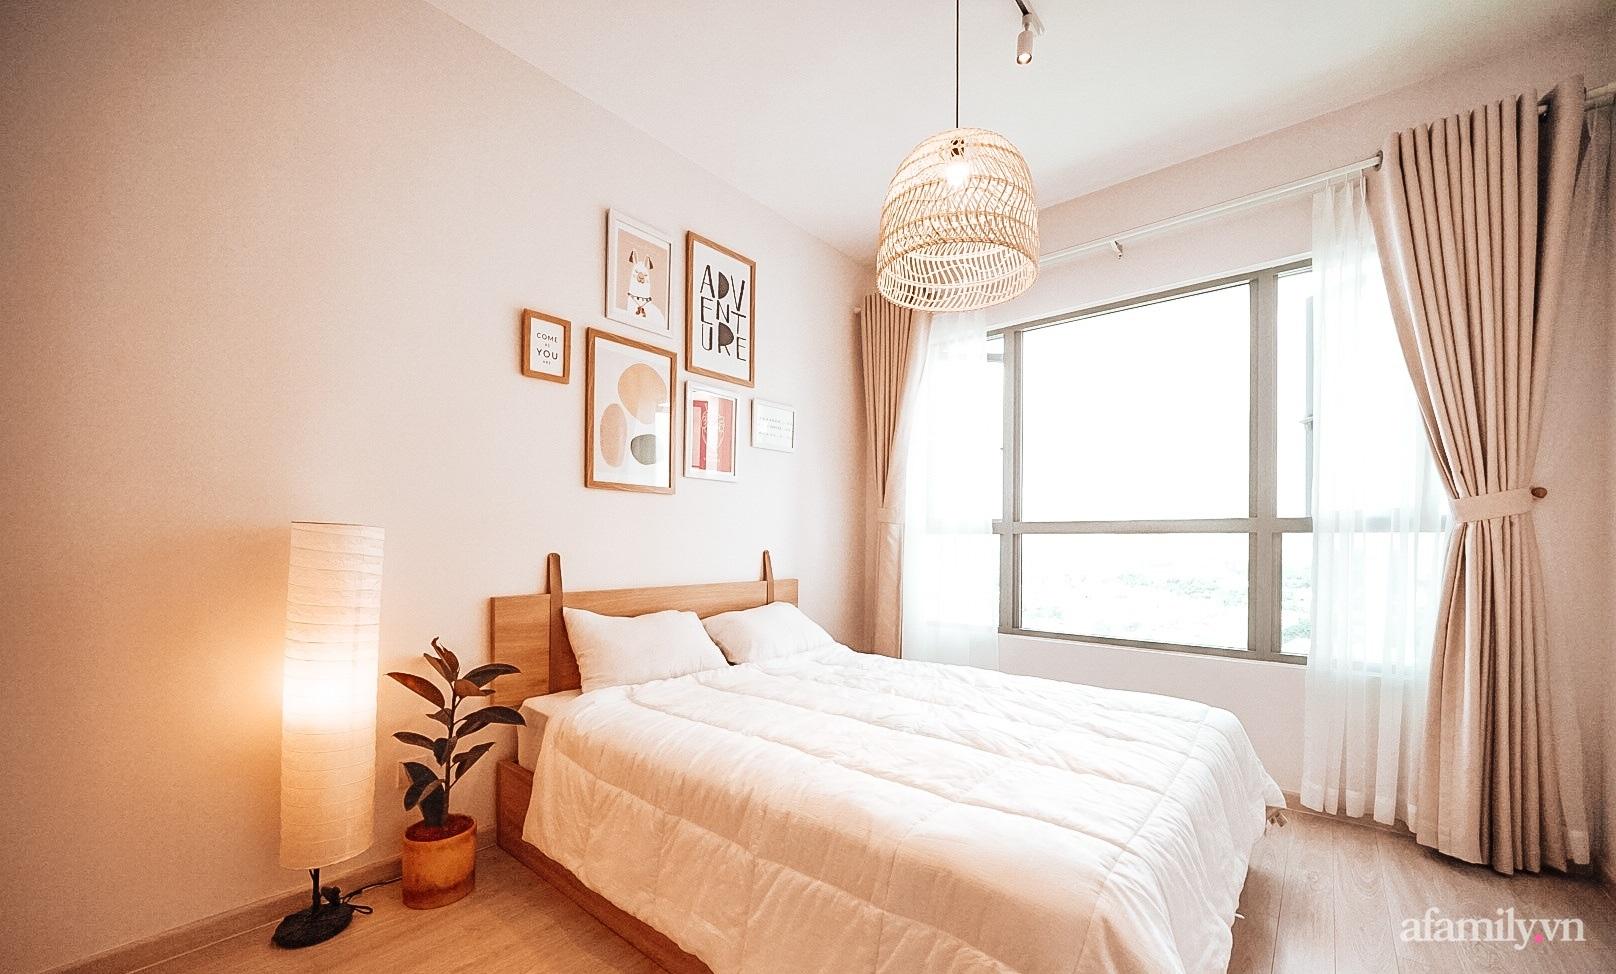 Căn hộ 75m² đầy đủ tiện ích đẹp hiện đại với gam màu trắng kem có chi phí 110 triệu đồng của cô gái độc thân ở Sài Gòn - Ảnh 12.